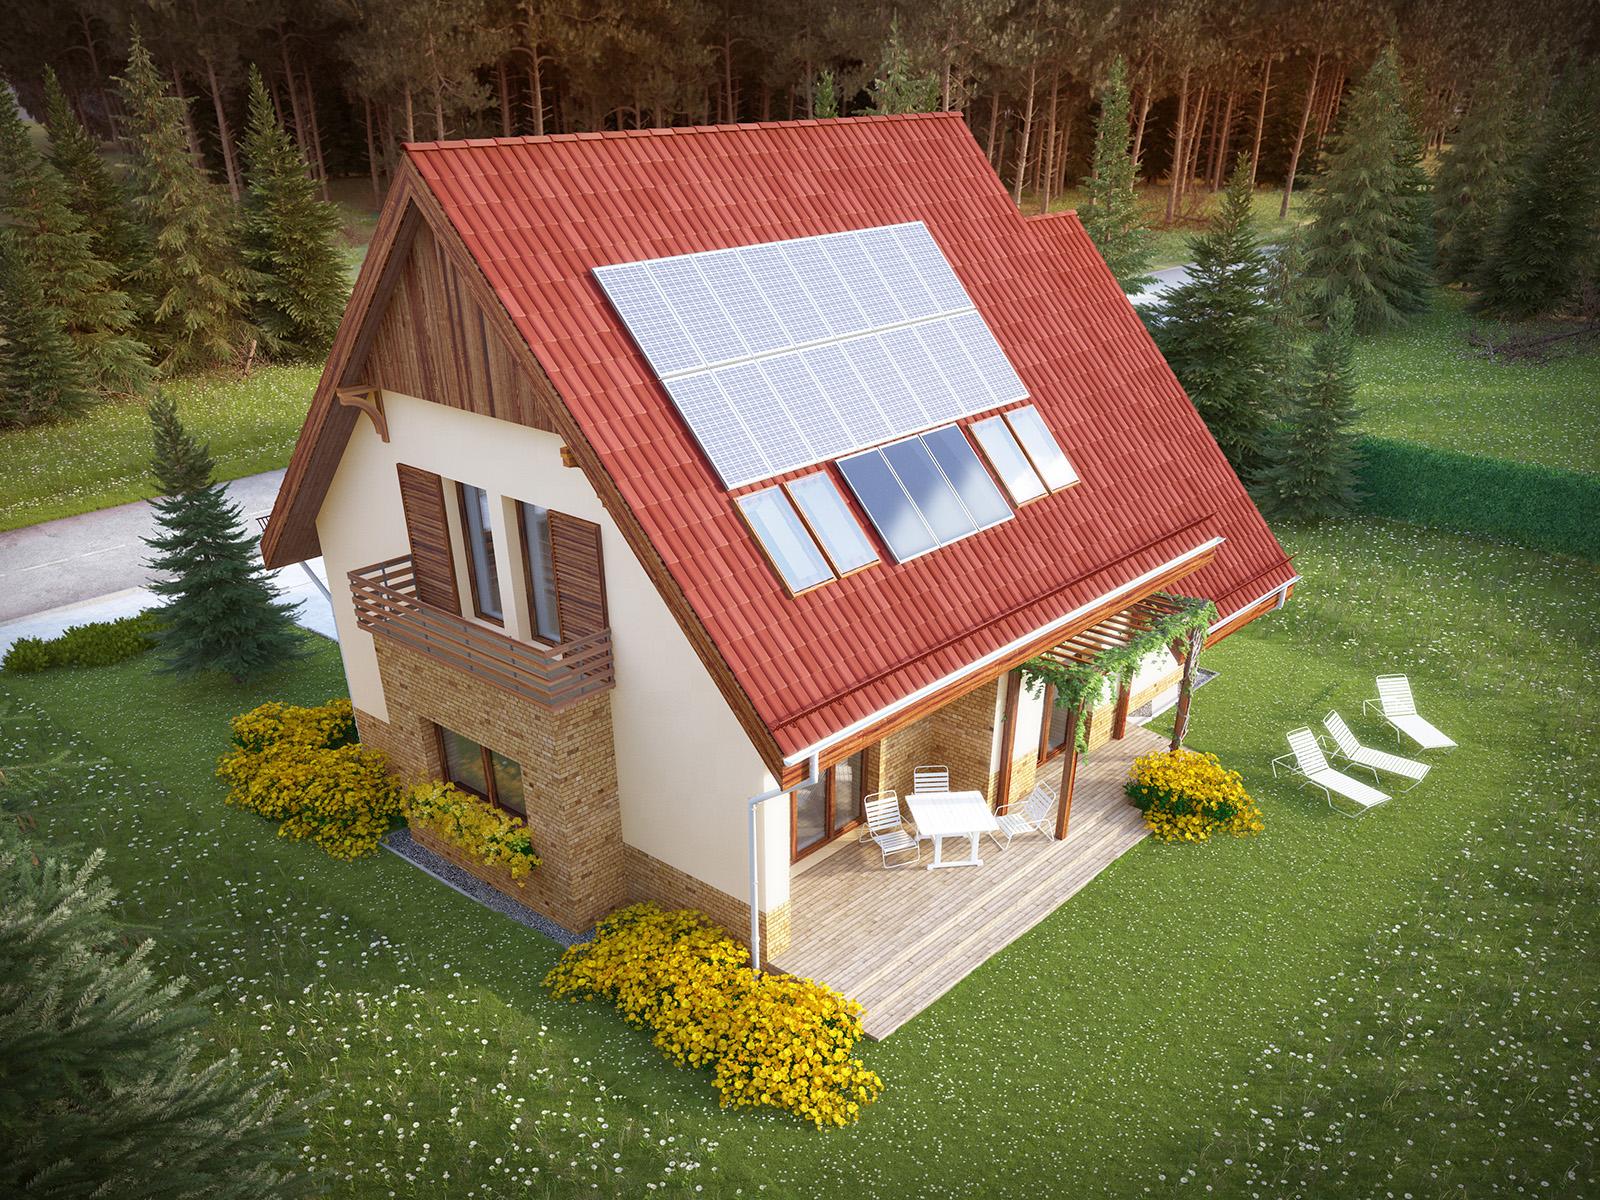 Projekt domu SPOKOJNY Domy Czystej Energii widok od boku i od ogrodu